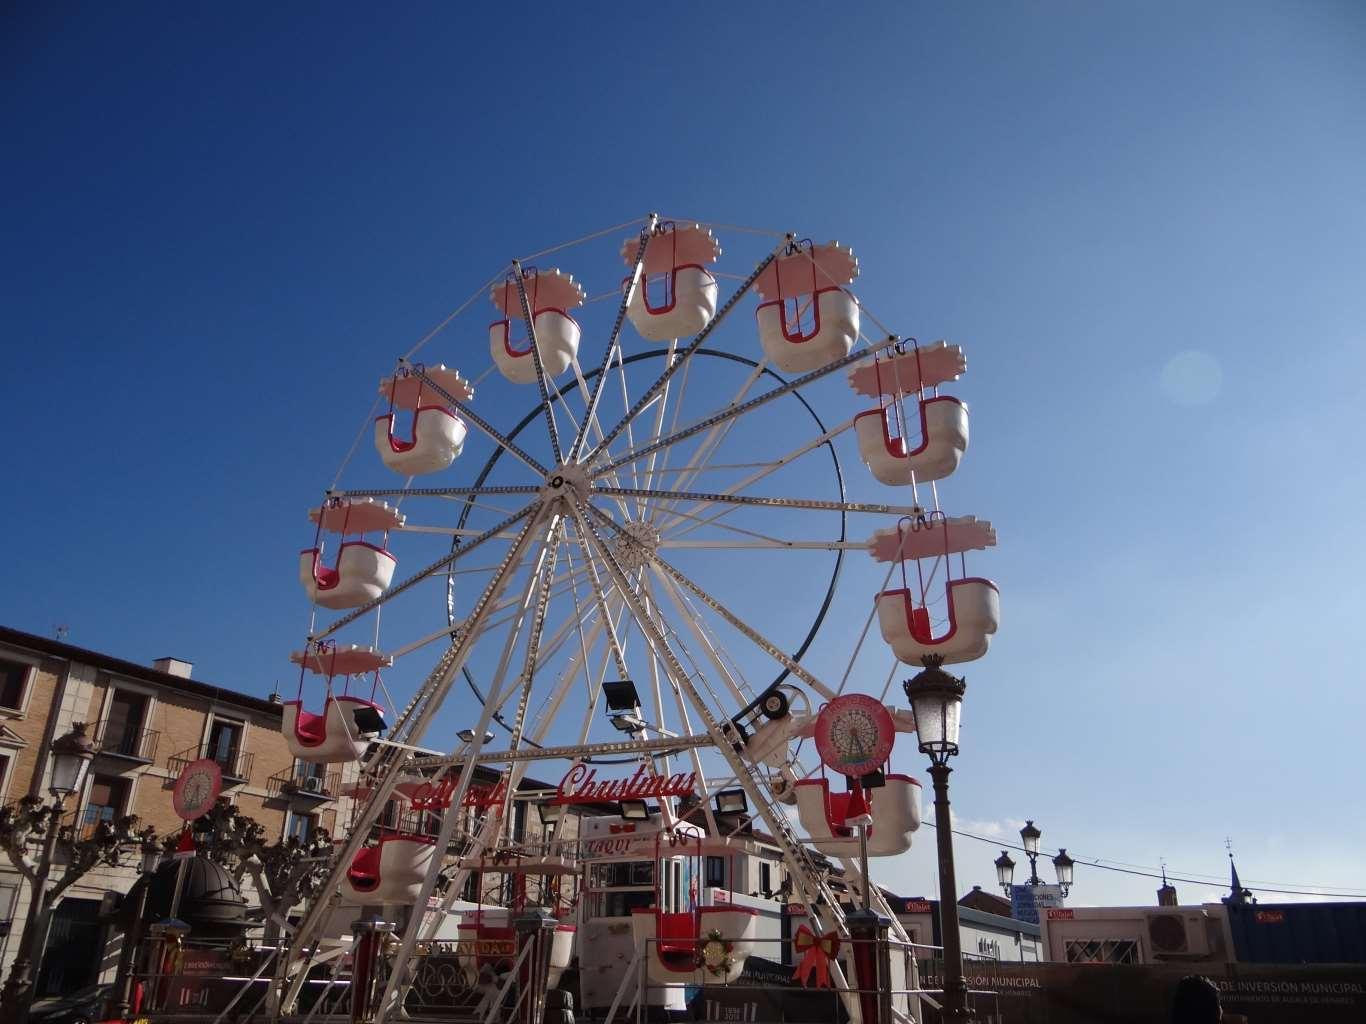 fc9a29fe61a Propuestas navideñas en Alcalá de Henares para el Puente de la Constitución